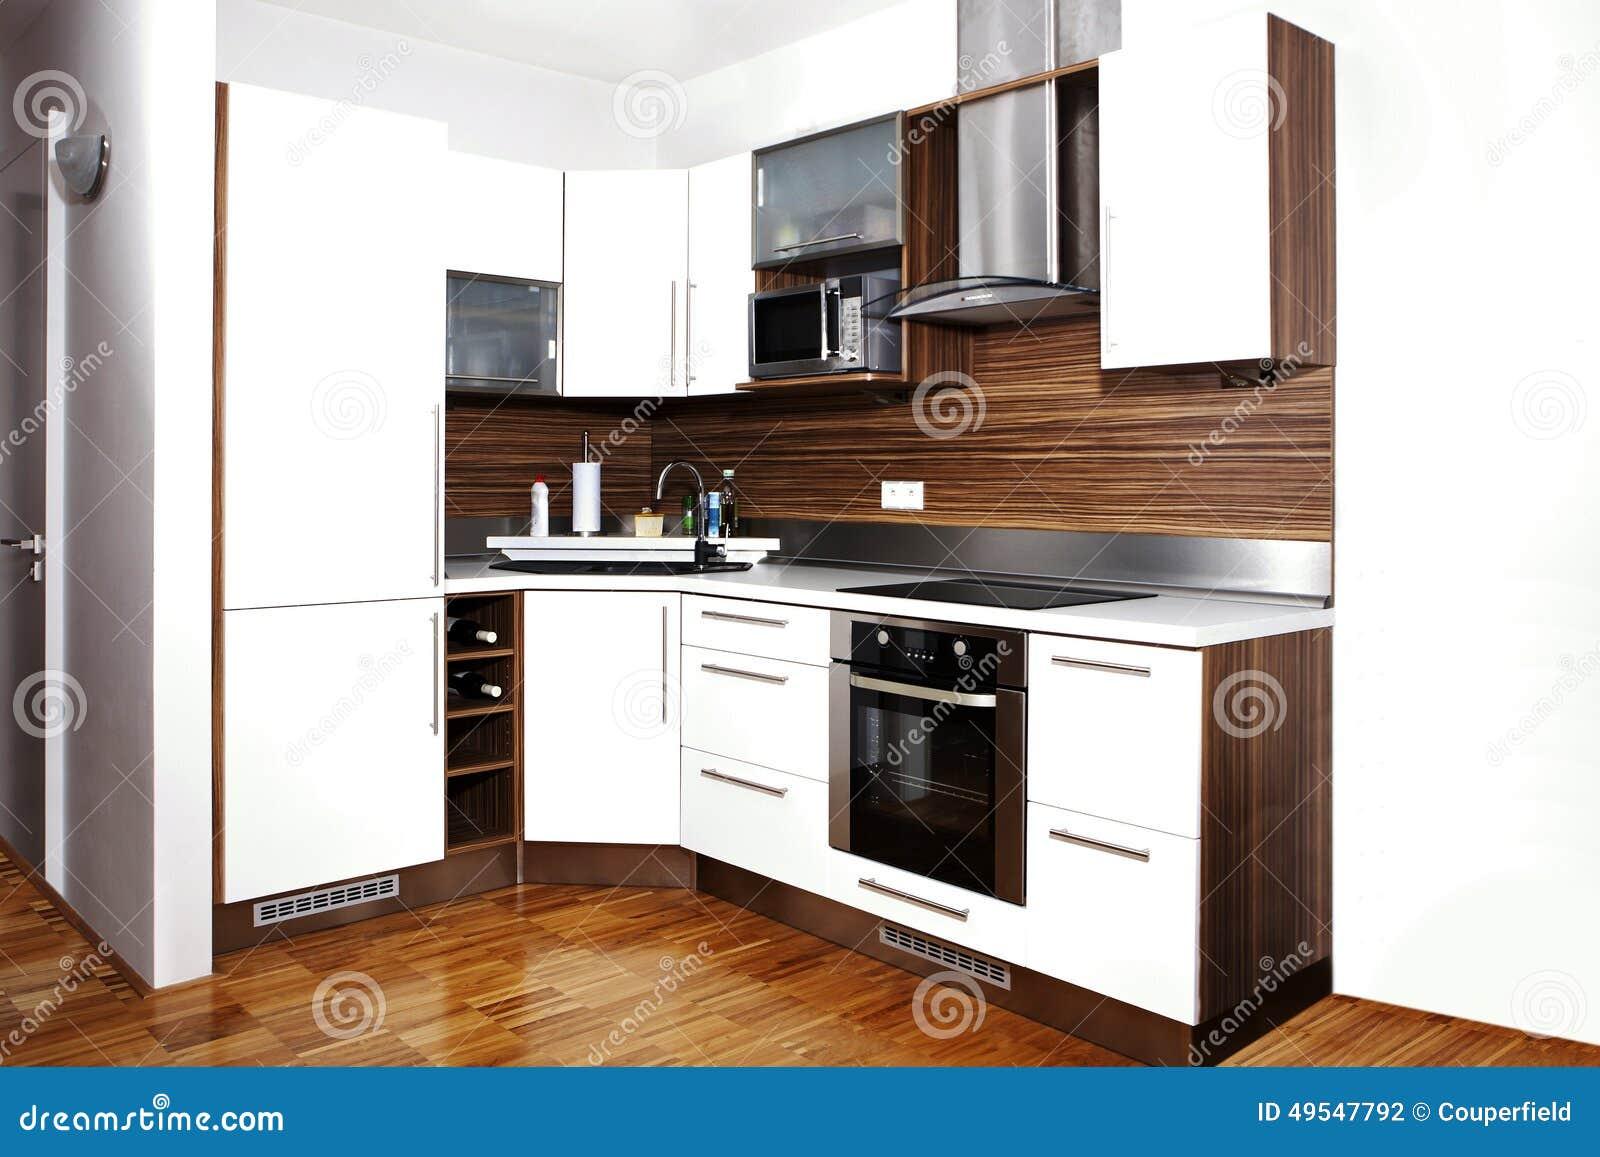 Esquina entera de la cocina moderna foto de archivo - Cocinas en esquina ...